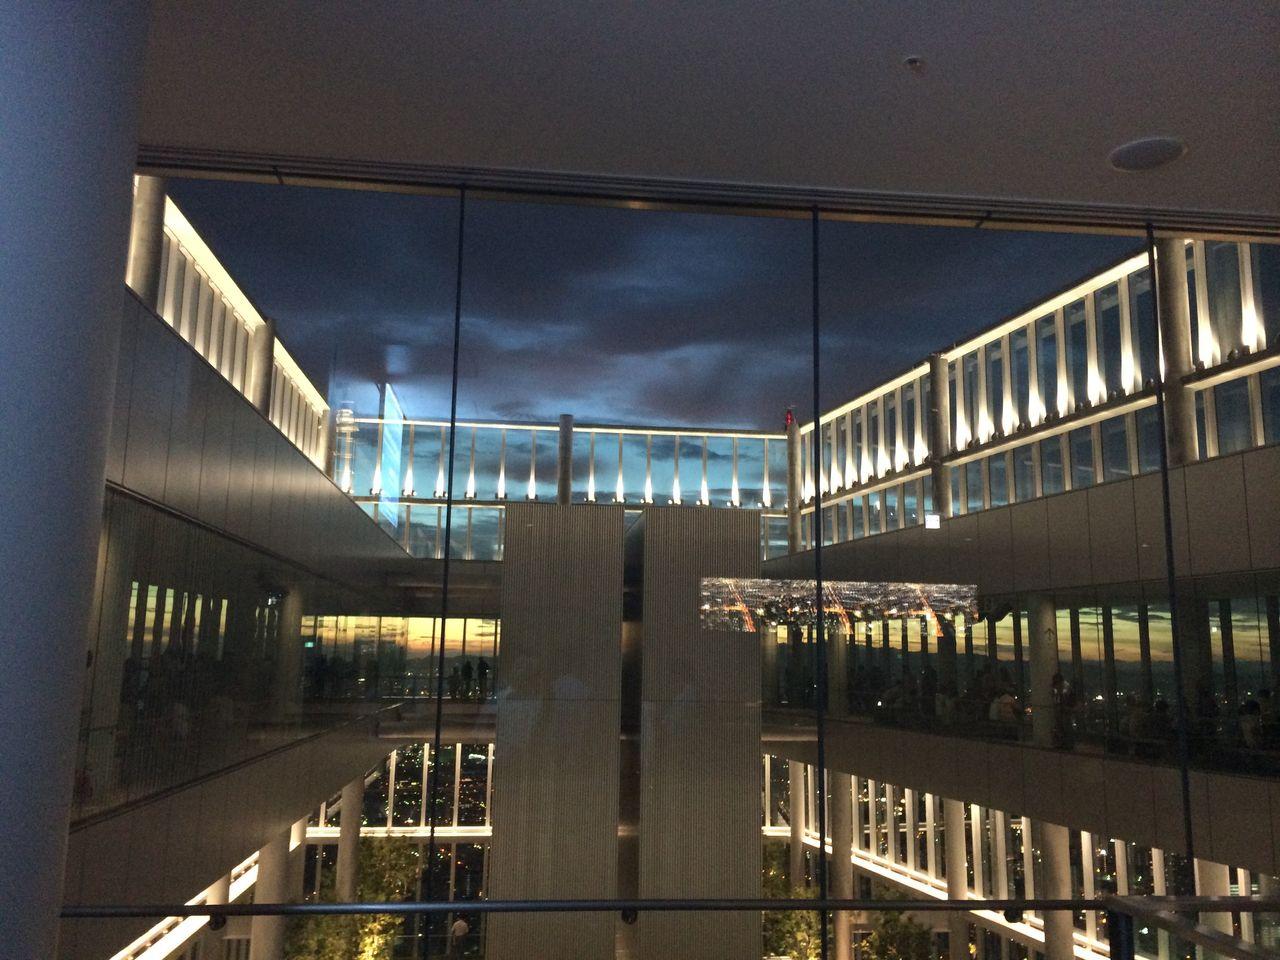 日暮れ時の回廊